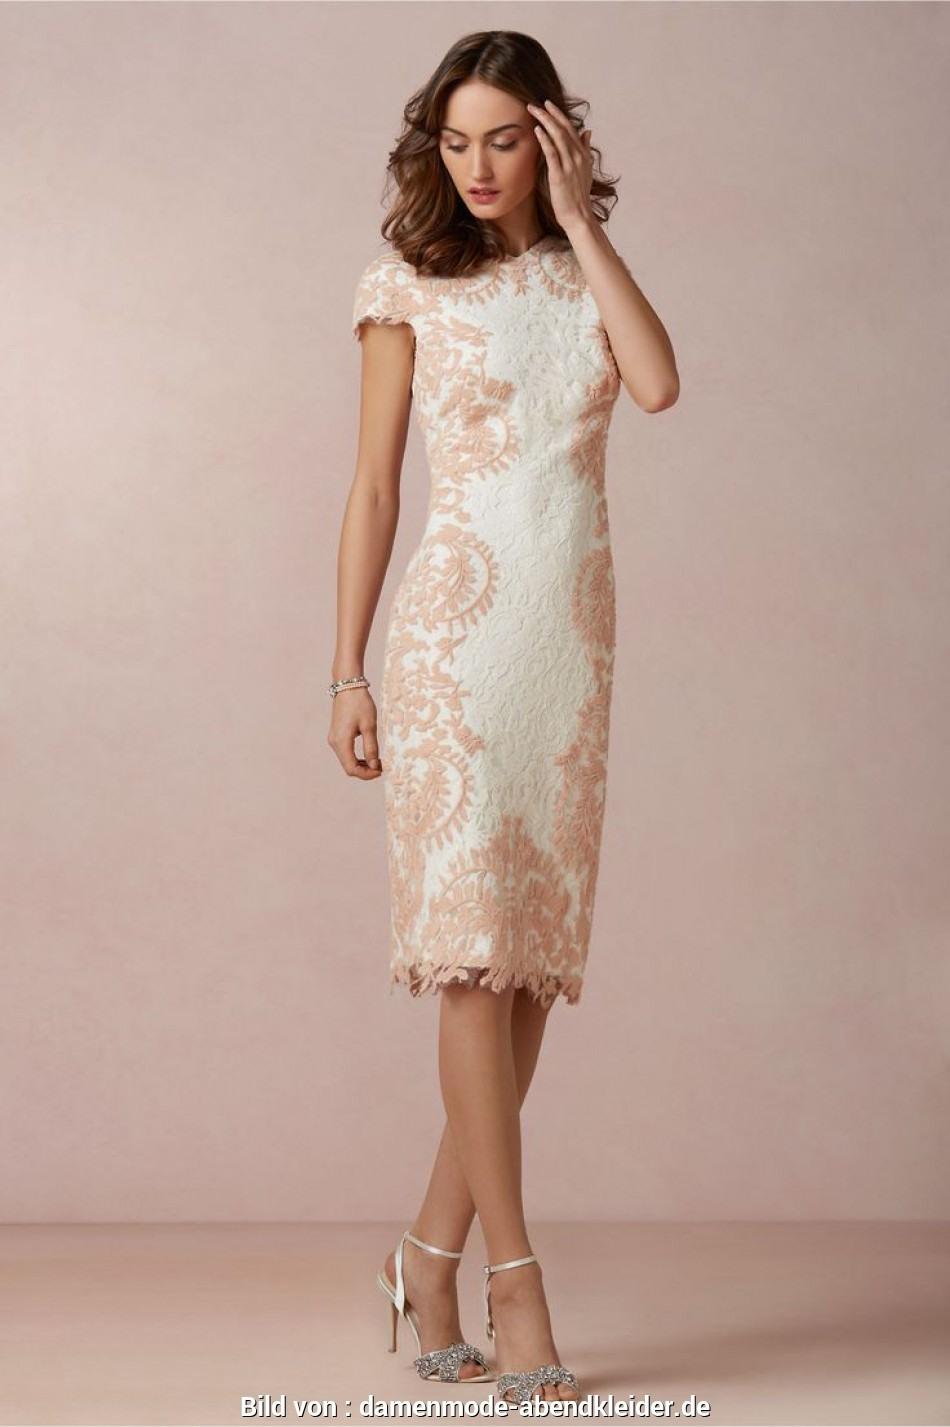 15 Kreativ Tolle Abendkleider Für Hochzeit Vertrieb Genial Tolle Abendkleider Für Hochzeit Stylish